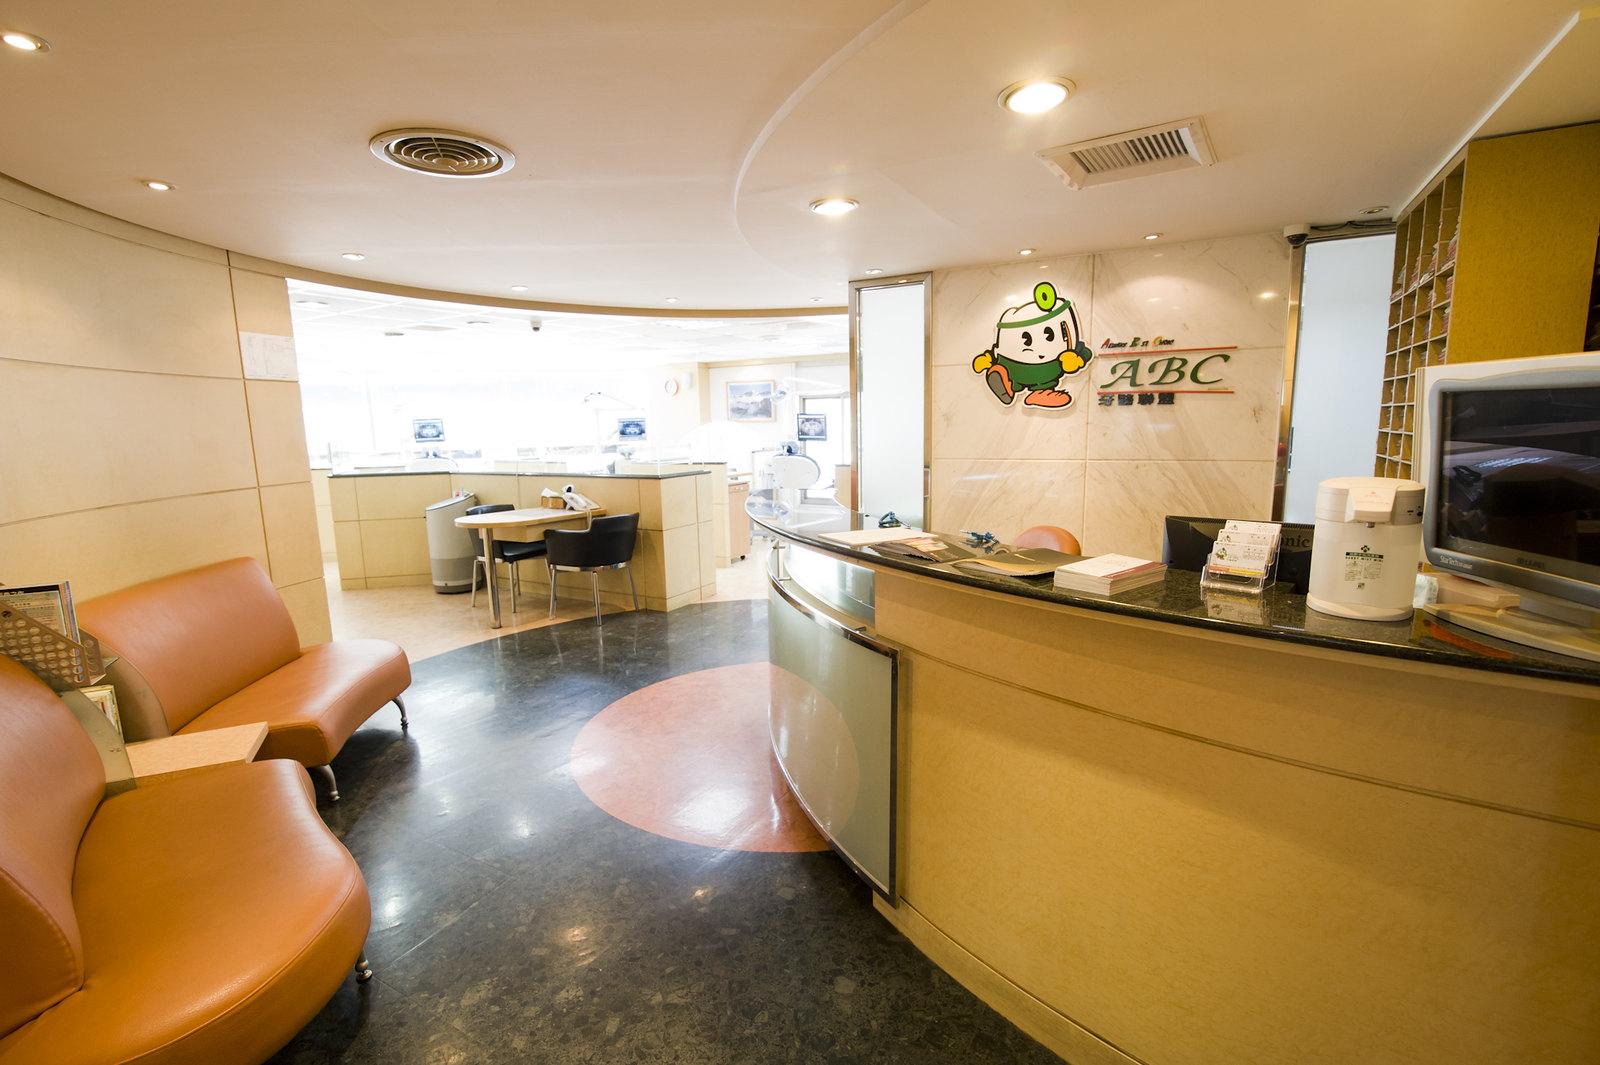 大來牙醫診所(Abc牙醫聯盟)圖片2